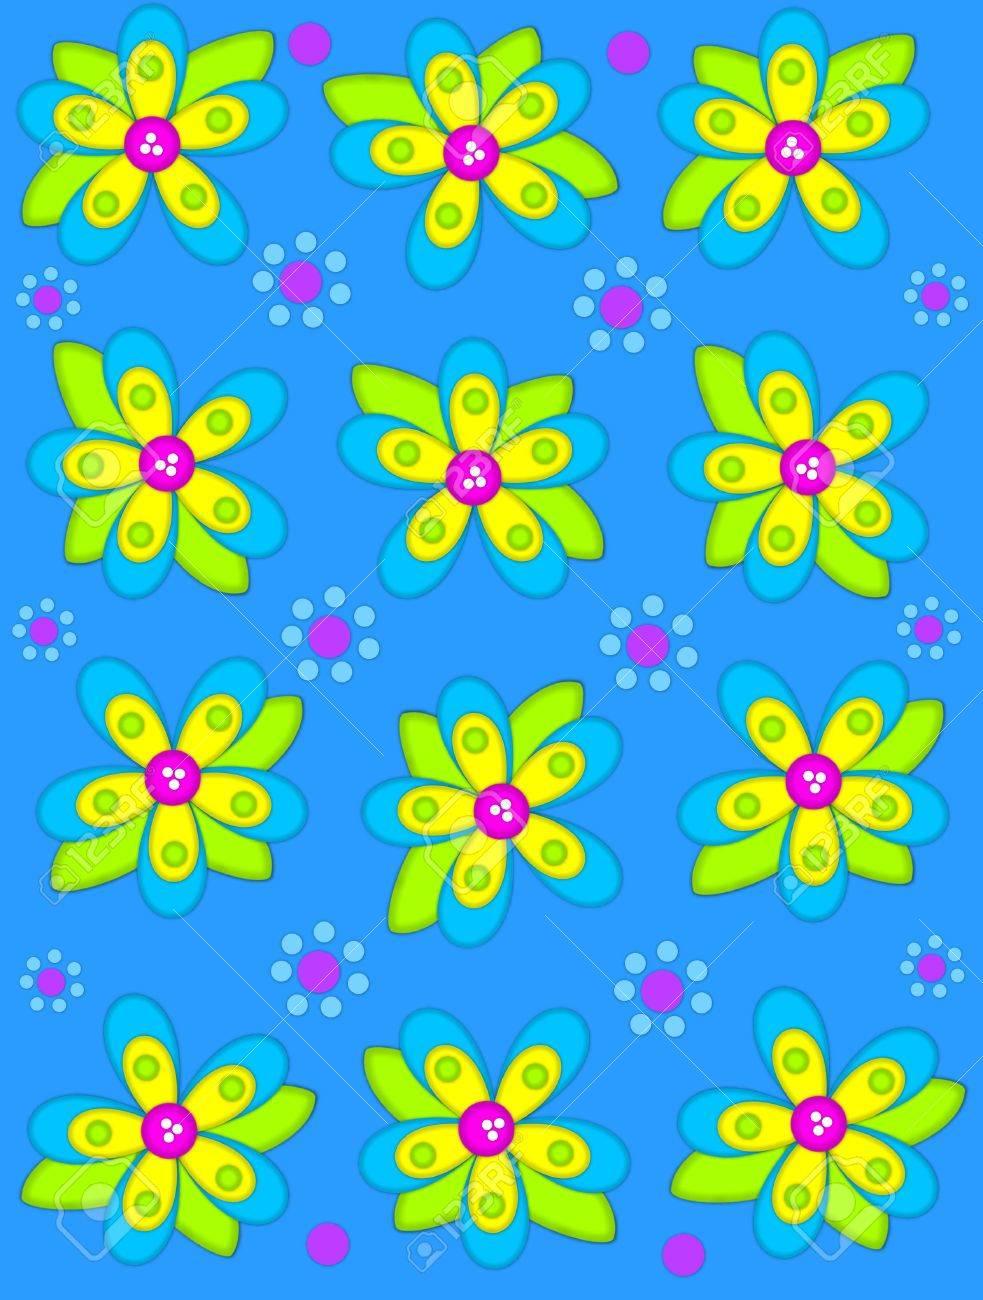 Fiori 2d.Immagini Stock Brillante Sfondo Blu E Decorato Con Grandi Fiori